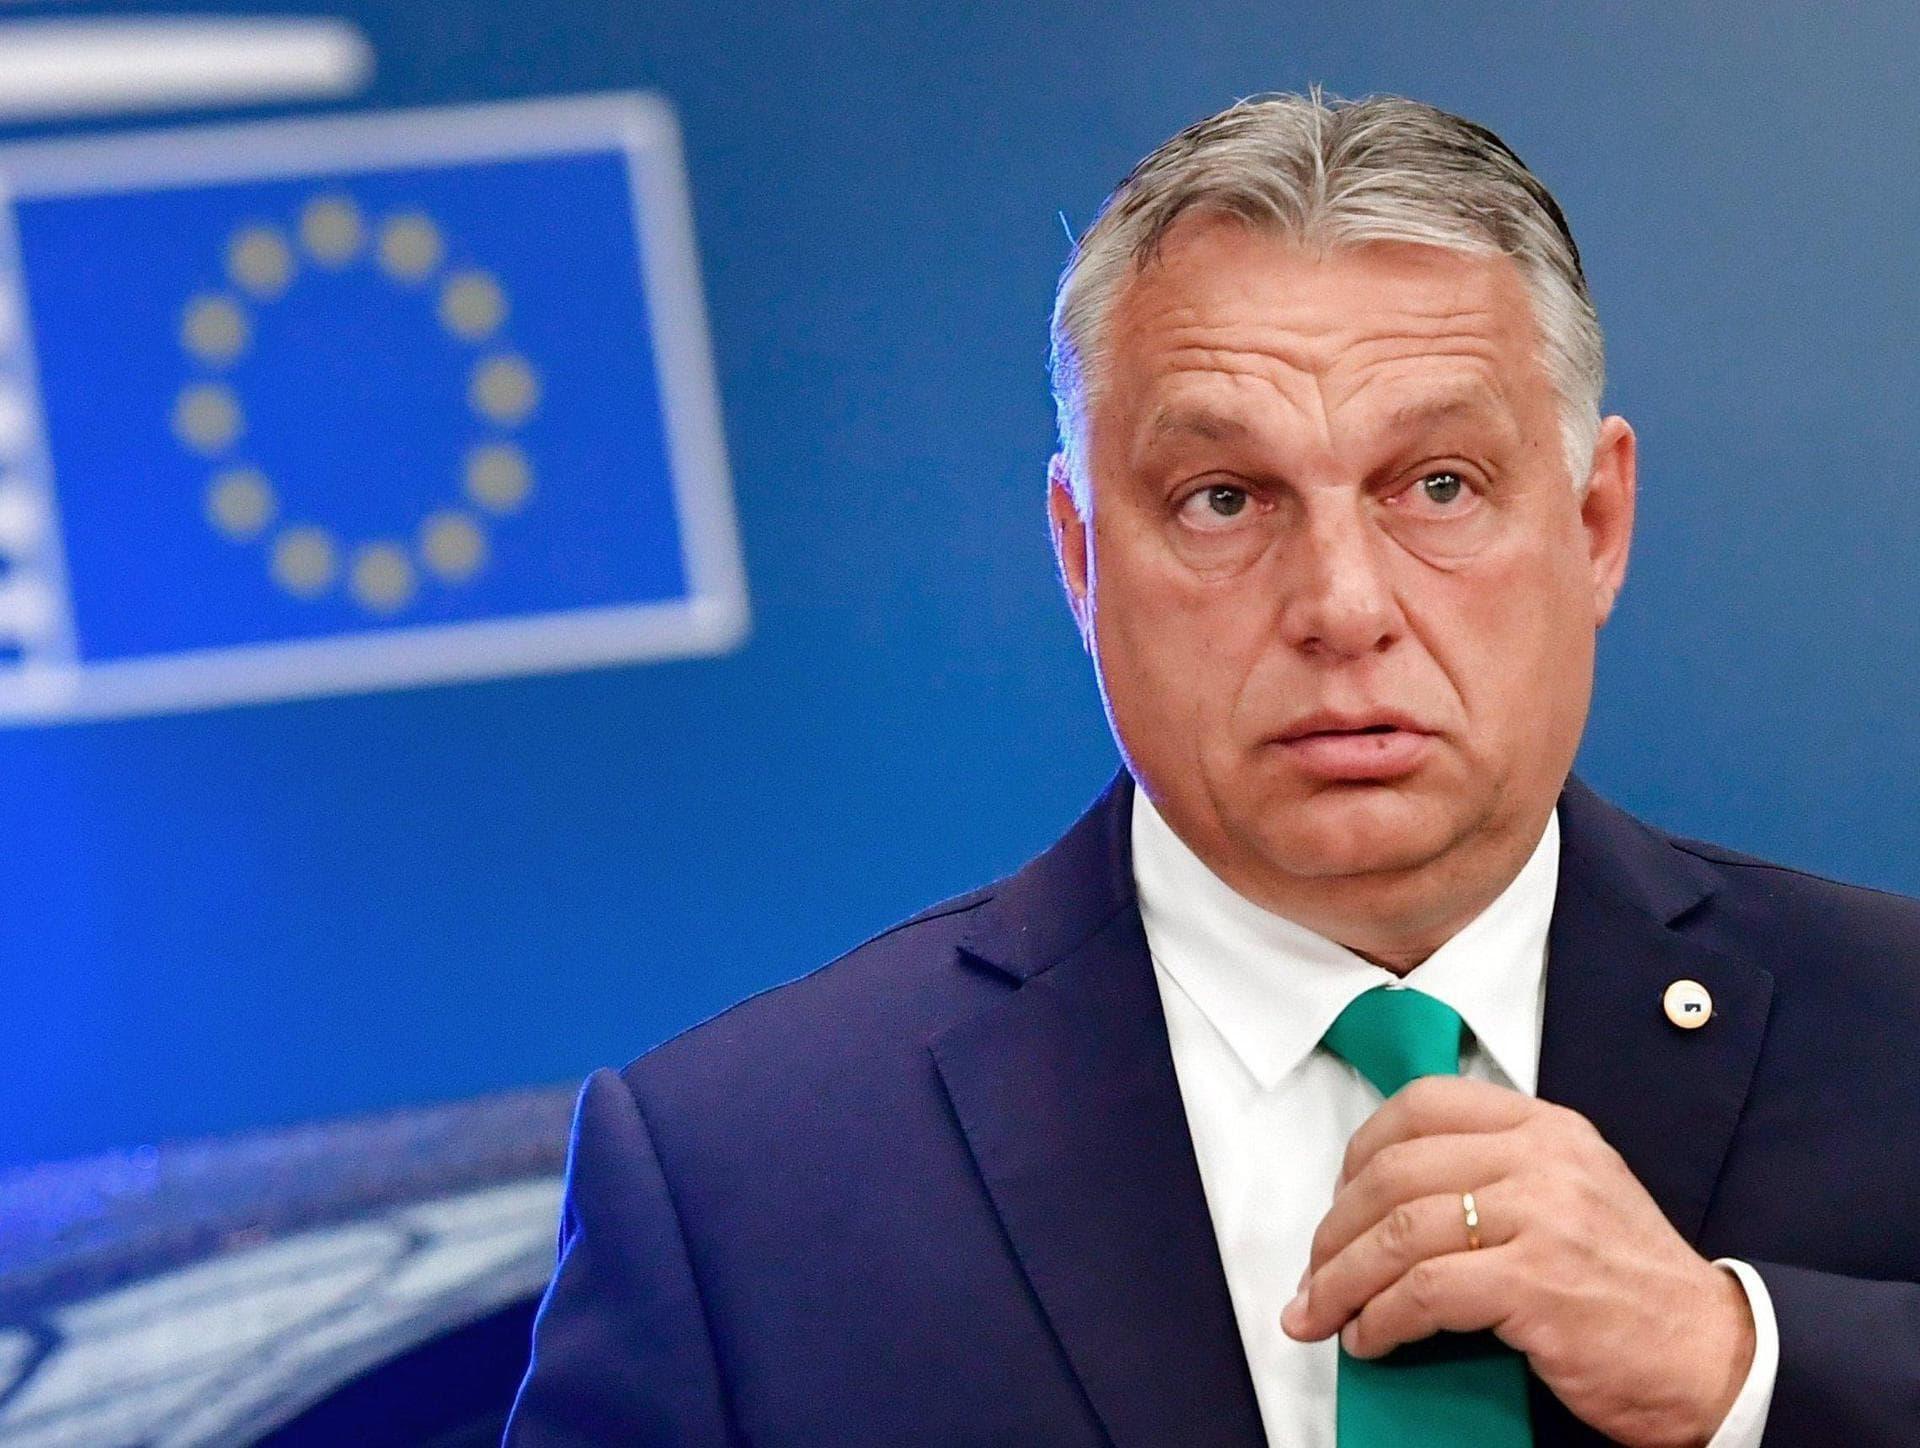 EU-Kommission geht gegen Ungarns Gesetz zu Sexualität vor Konsequenzen angekündigt